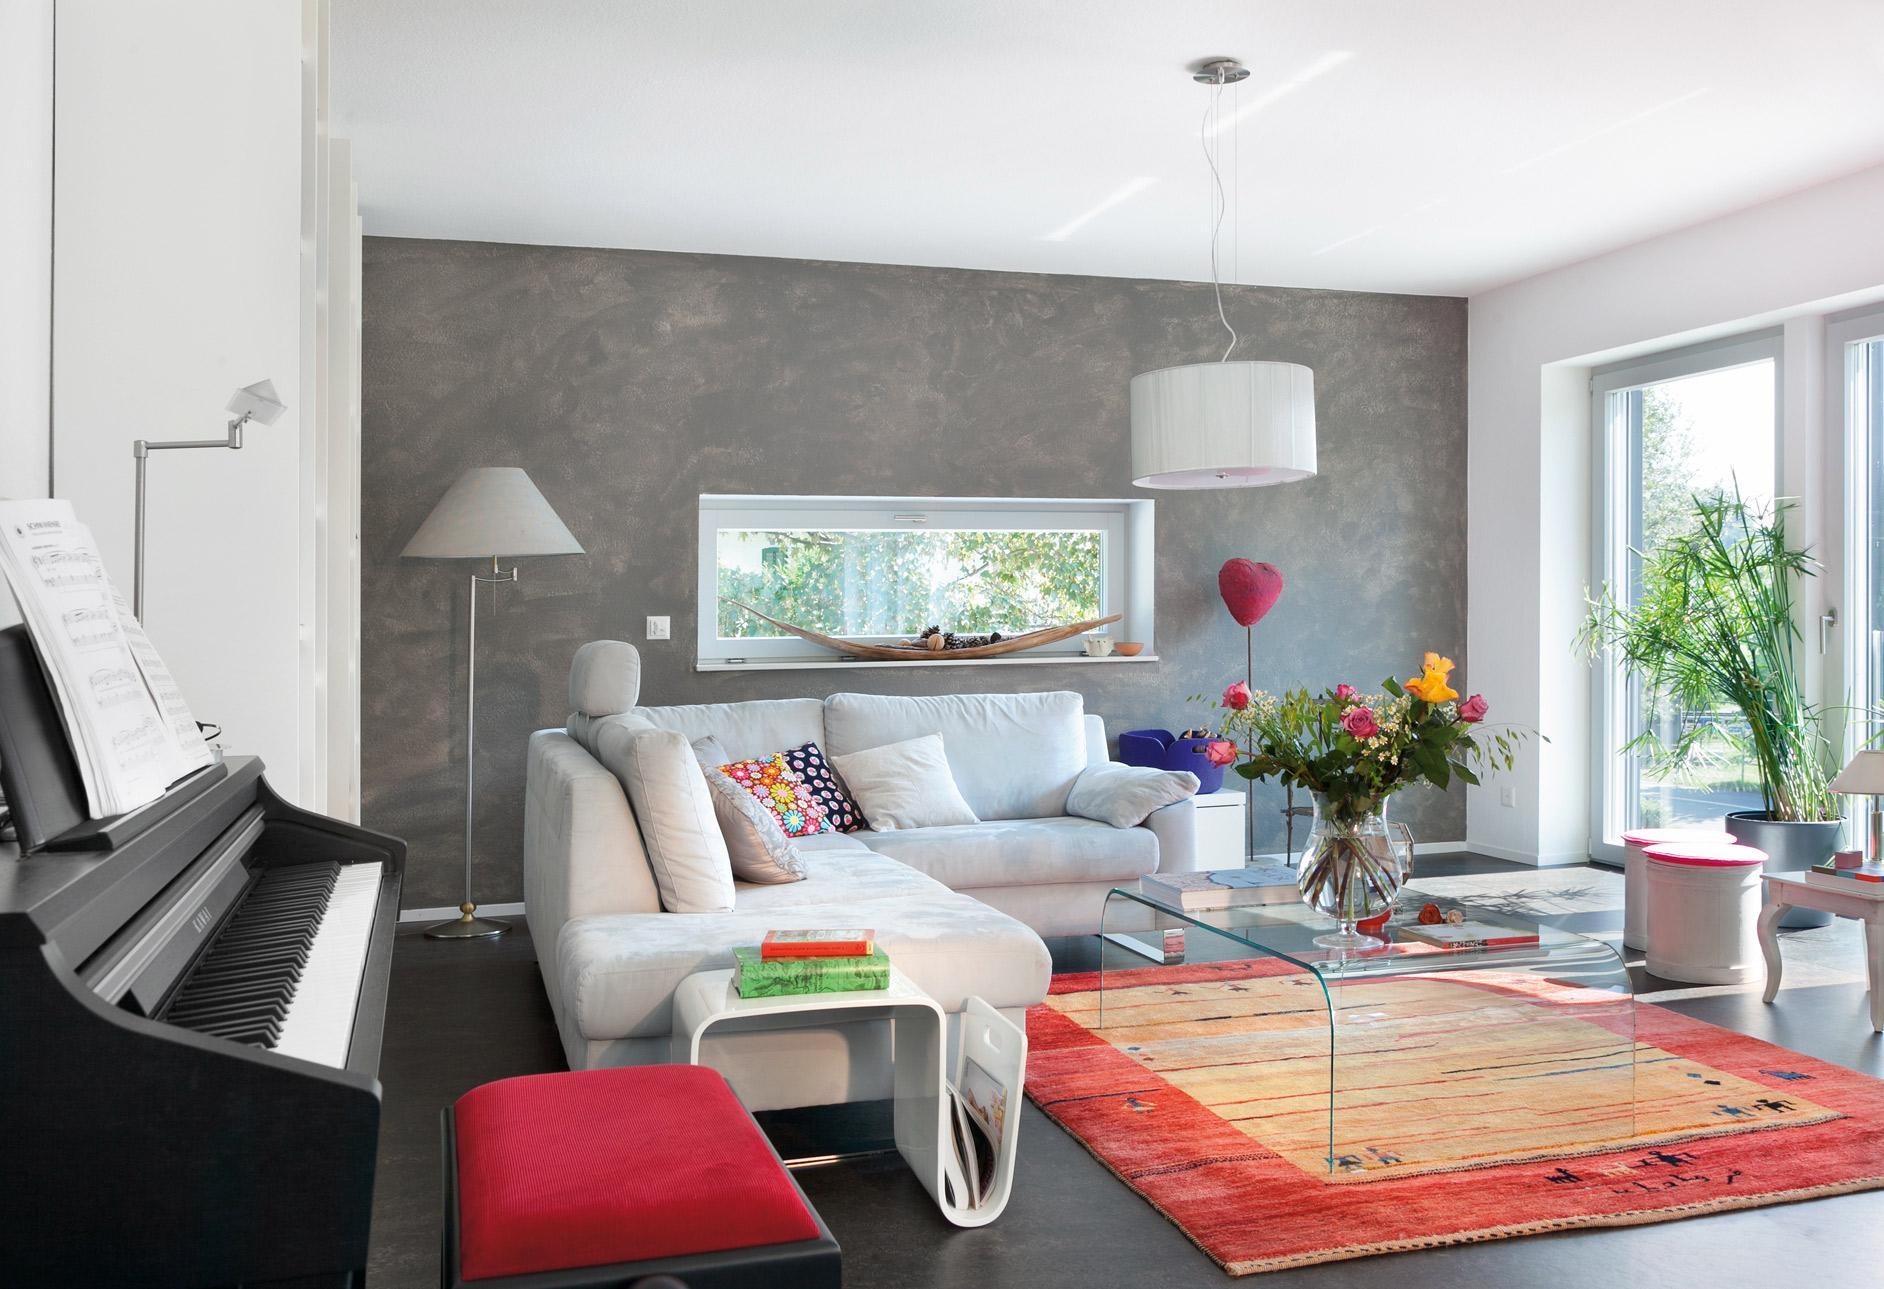 Plan E 20-186.1 - Ein Wohnzimmer mit Möbeln und einem Kamin - SchworerHaus KG